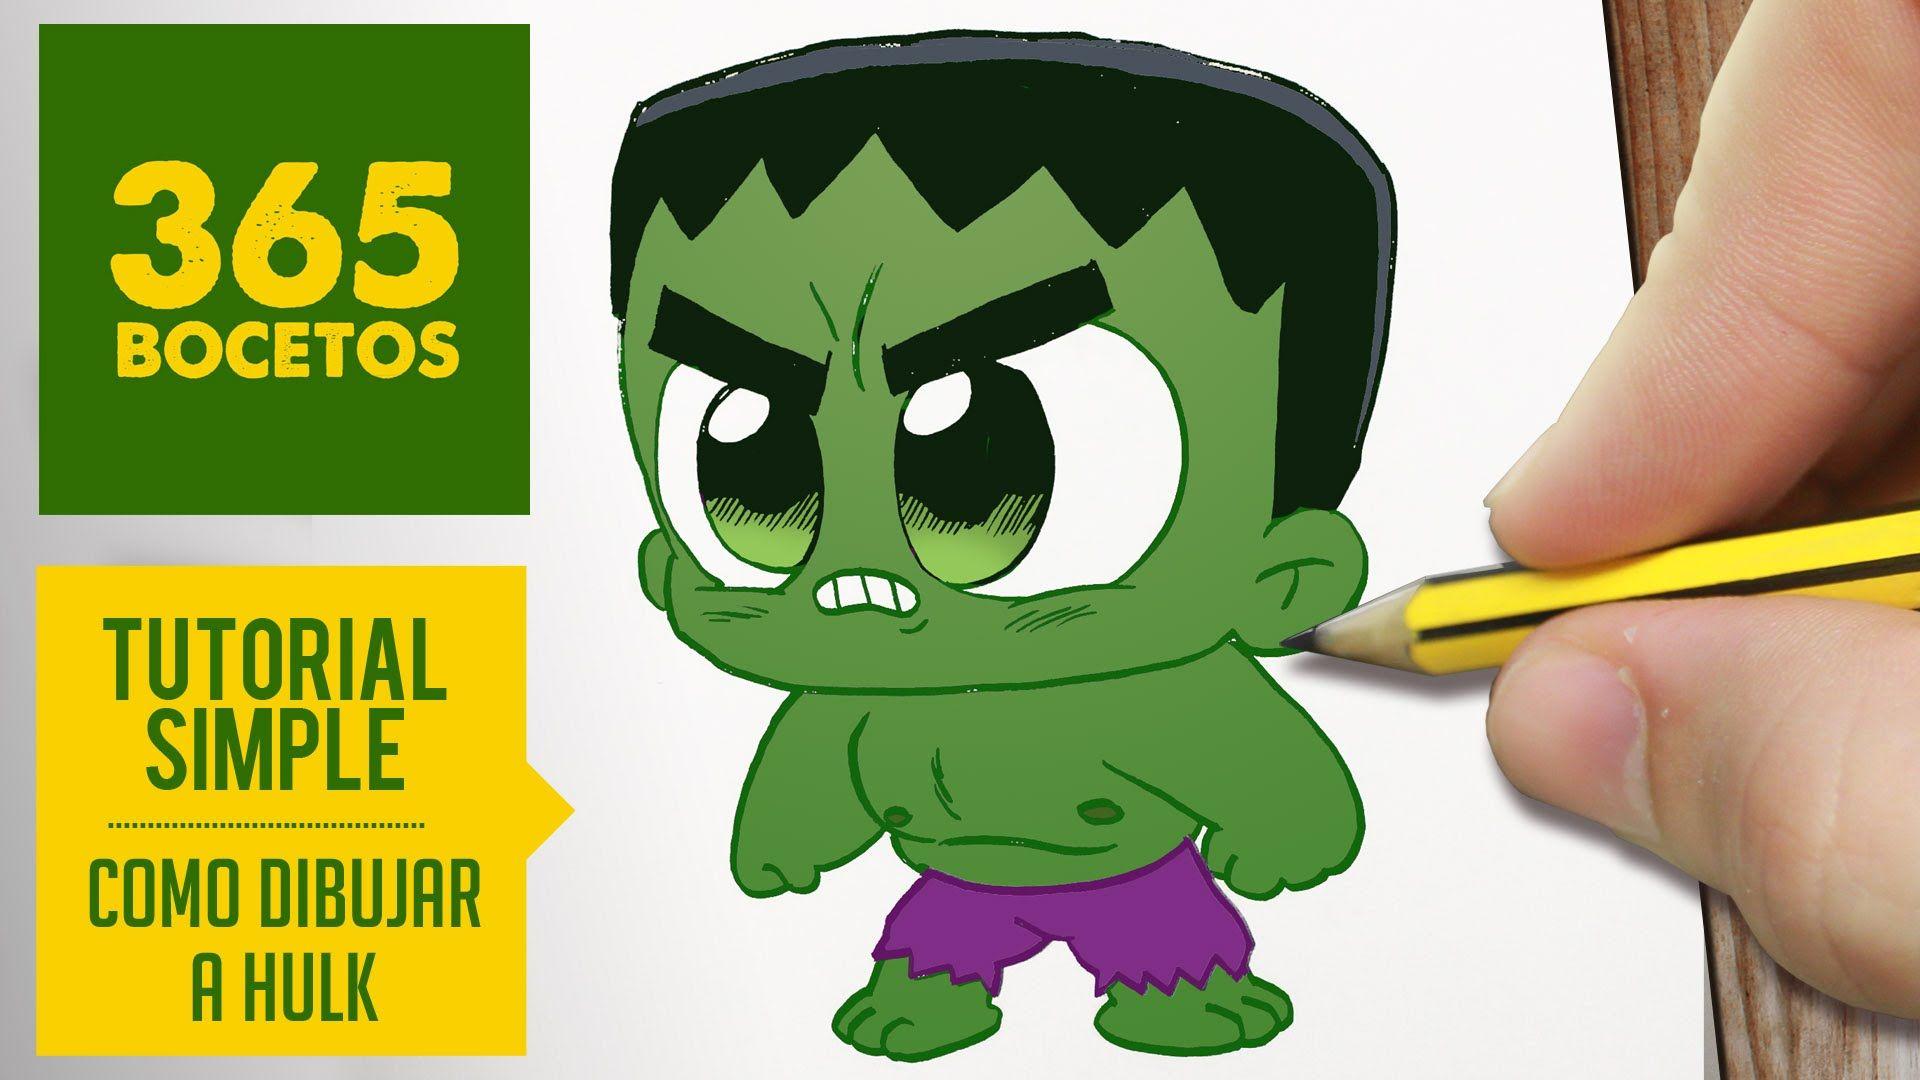 Como Dibujar Hulk Kawaii Paso A Paso Kawaii Facil How To Draw Hulk Como Dibujar A Hulk Dibujos De 365 Bocetos Dibujos Kawaii Faciles